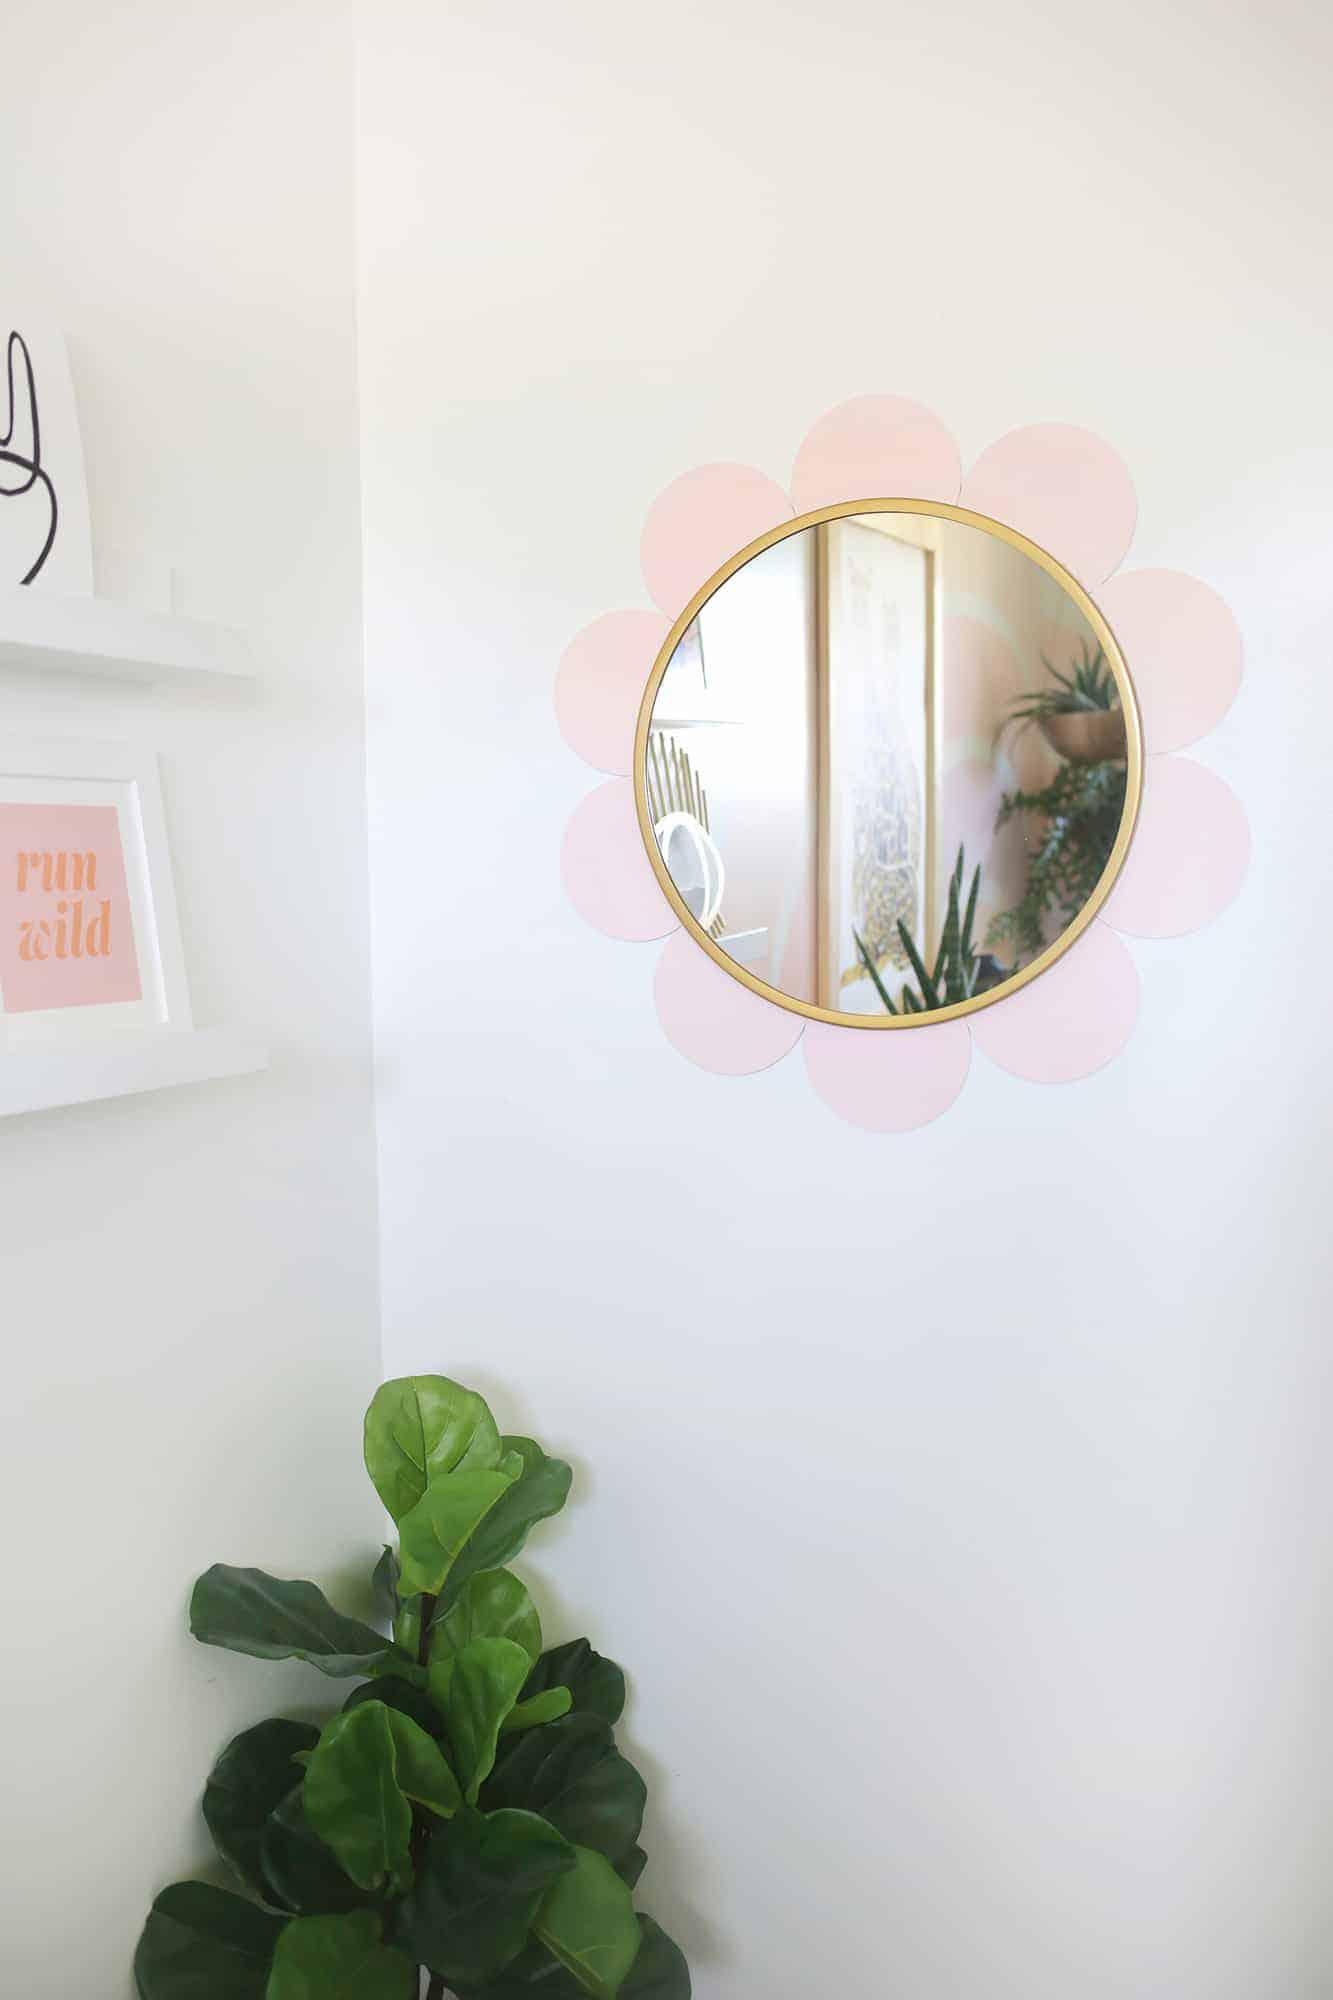 Flower mirror DIY